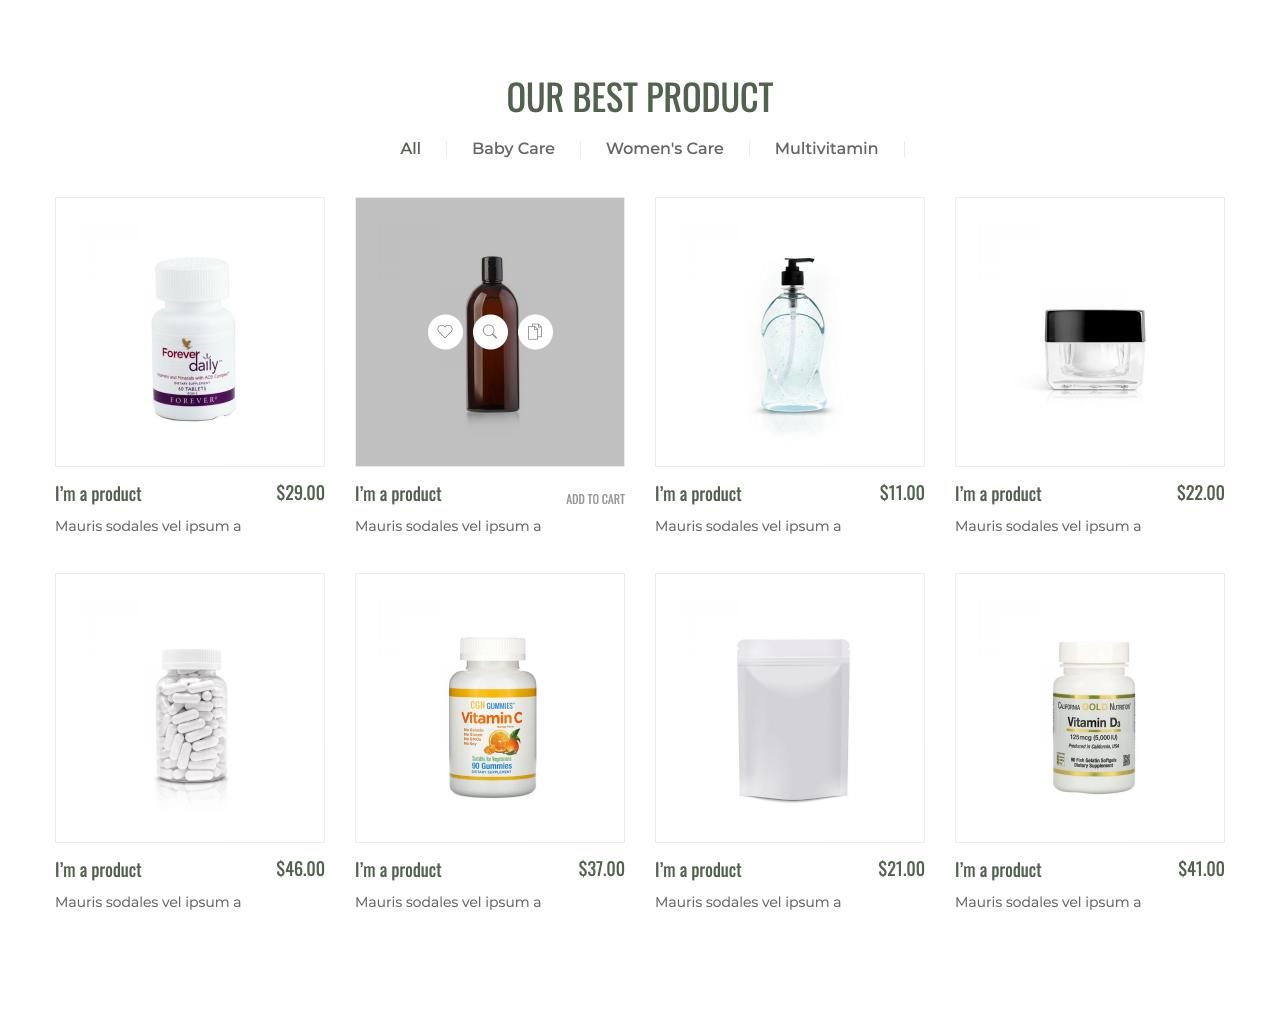 Website tiệm thuốc - cửa hàng dược phẩm-4